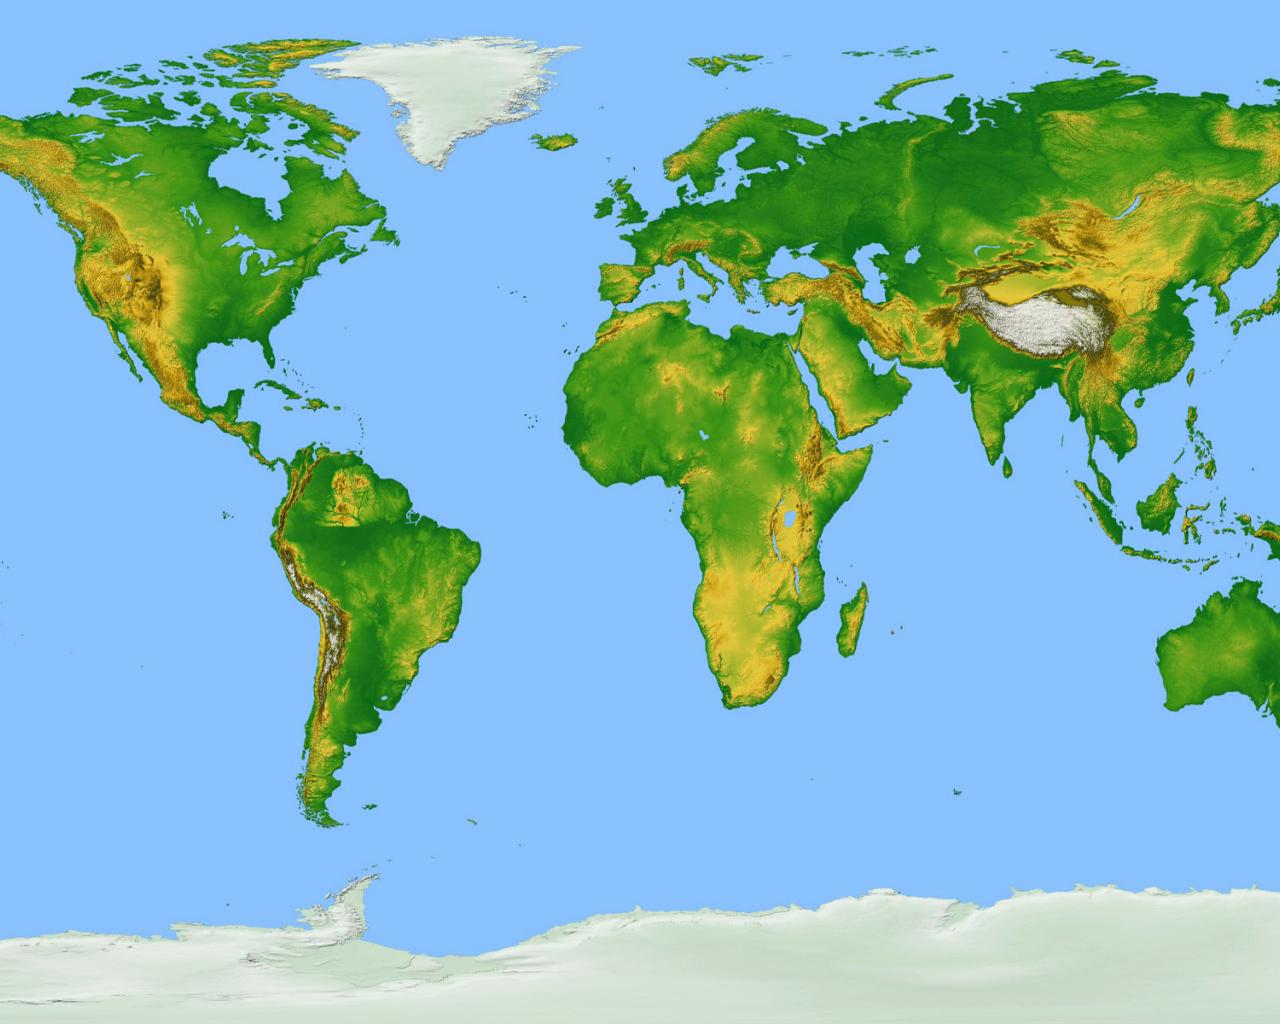 картинки земли континенты картинка добрым утром